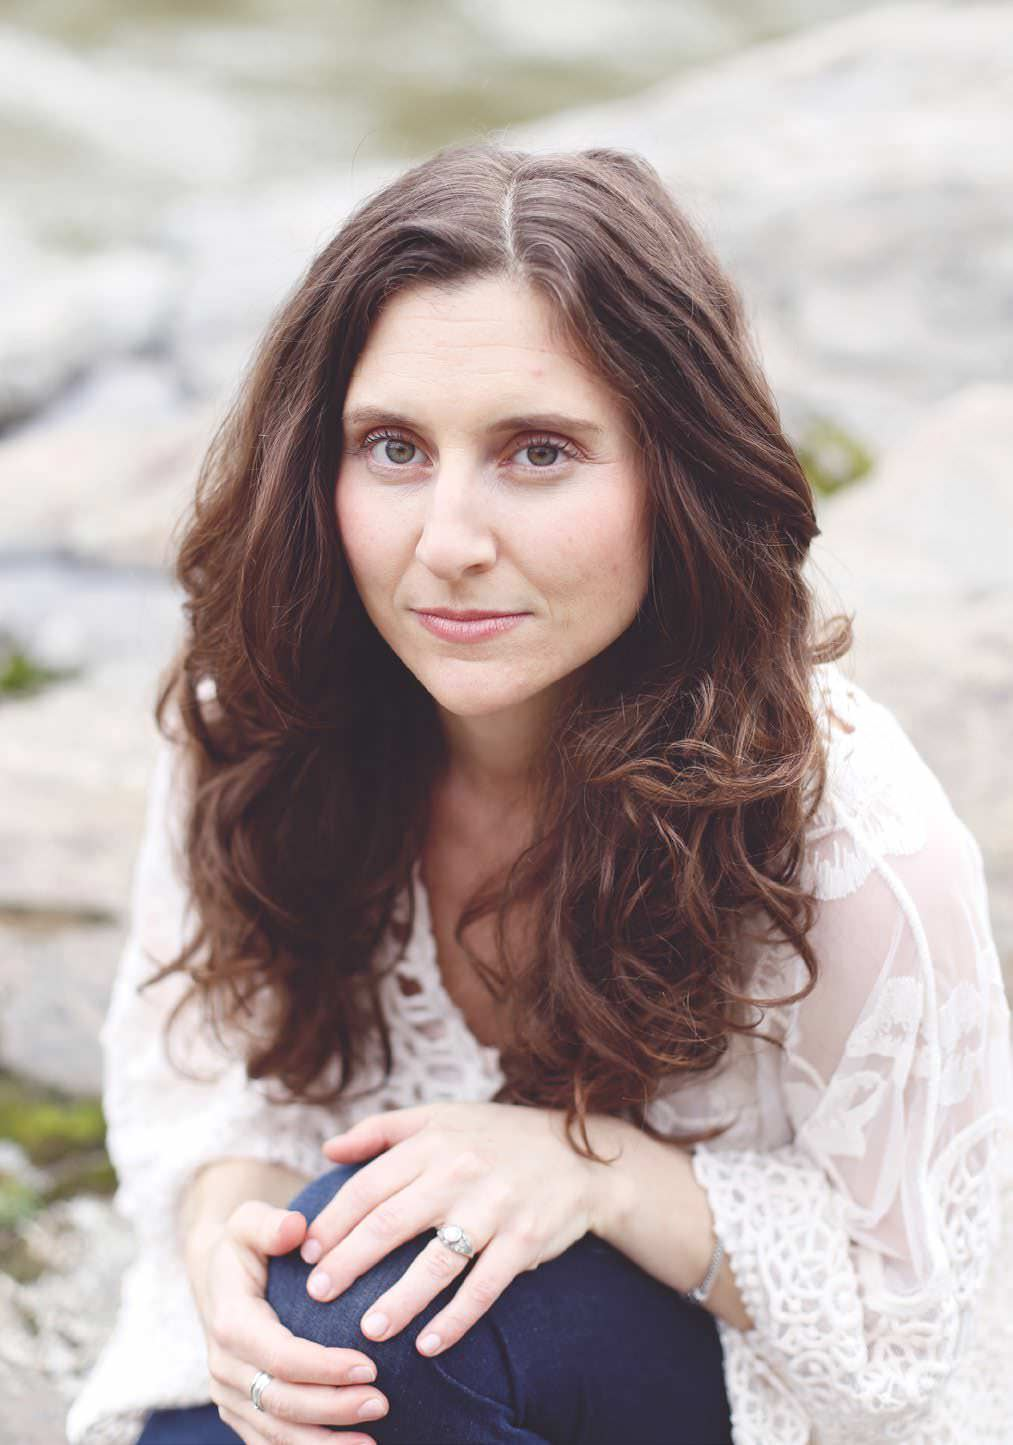 The Art of Being Heard: Author Cynthia Kane